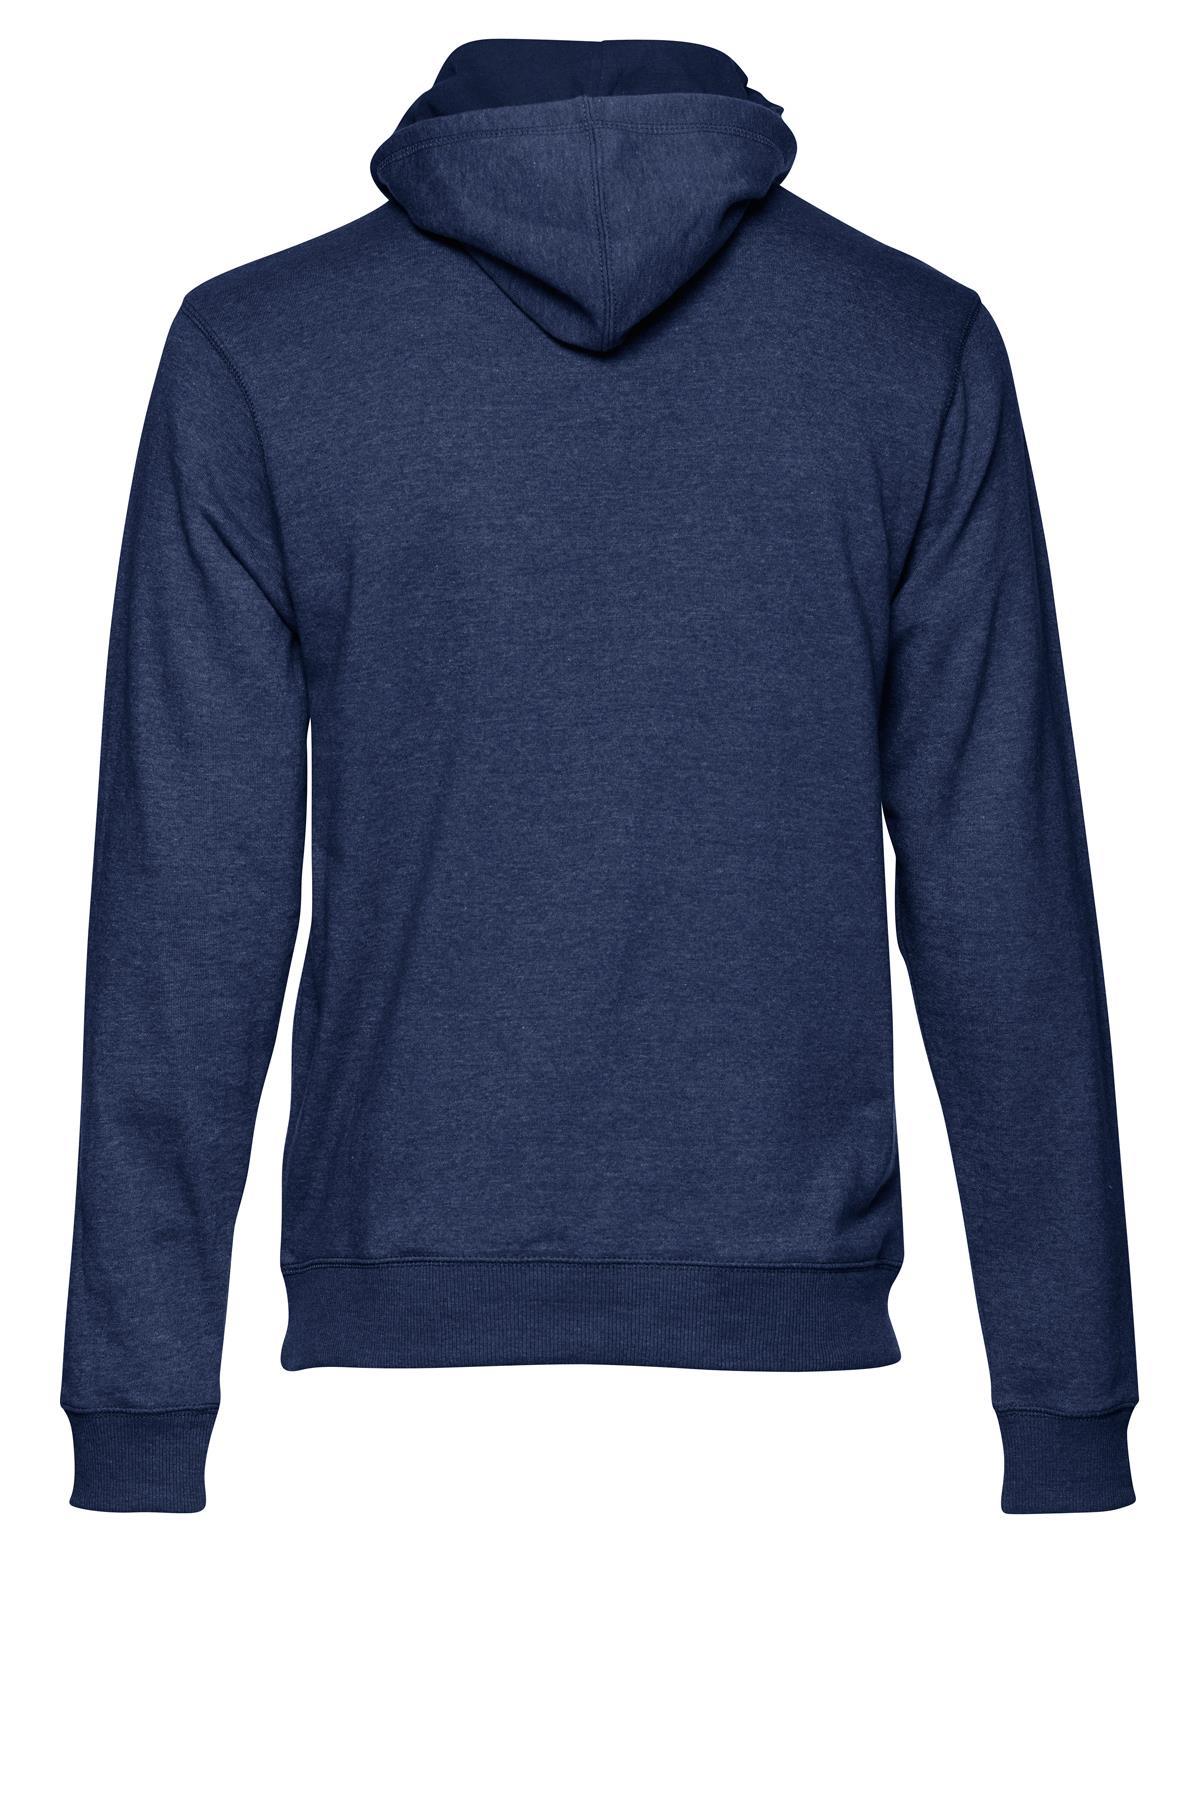 Marineblå Hættebluse med lynlås – Køb Marineblå Hættebluse med lynlås fra str. S-XL her